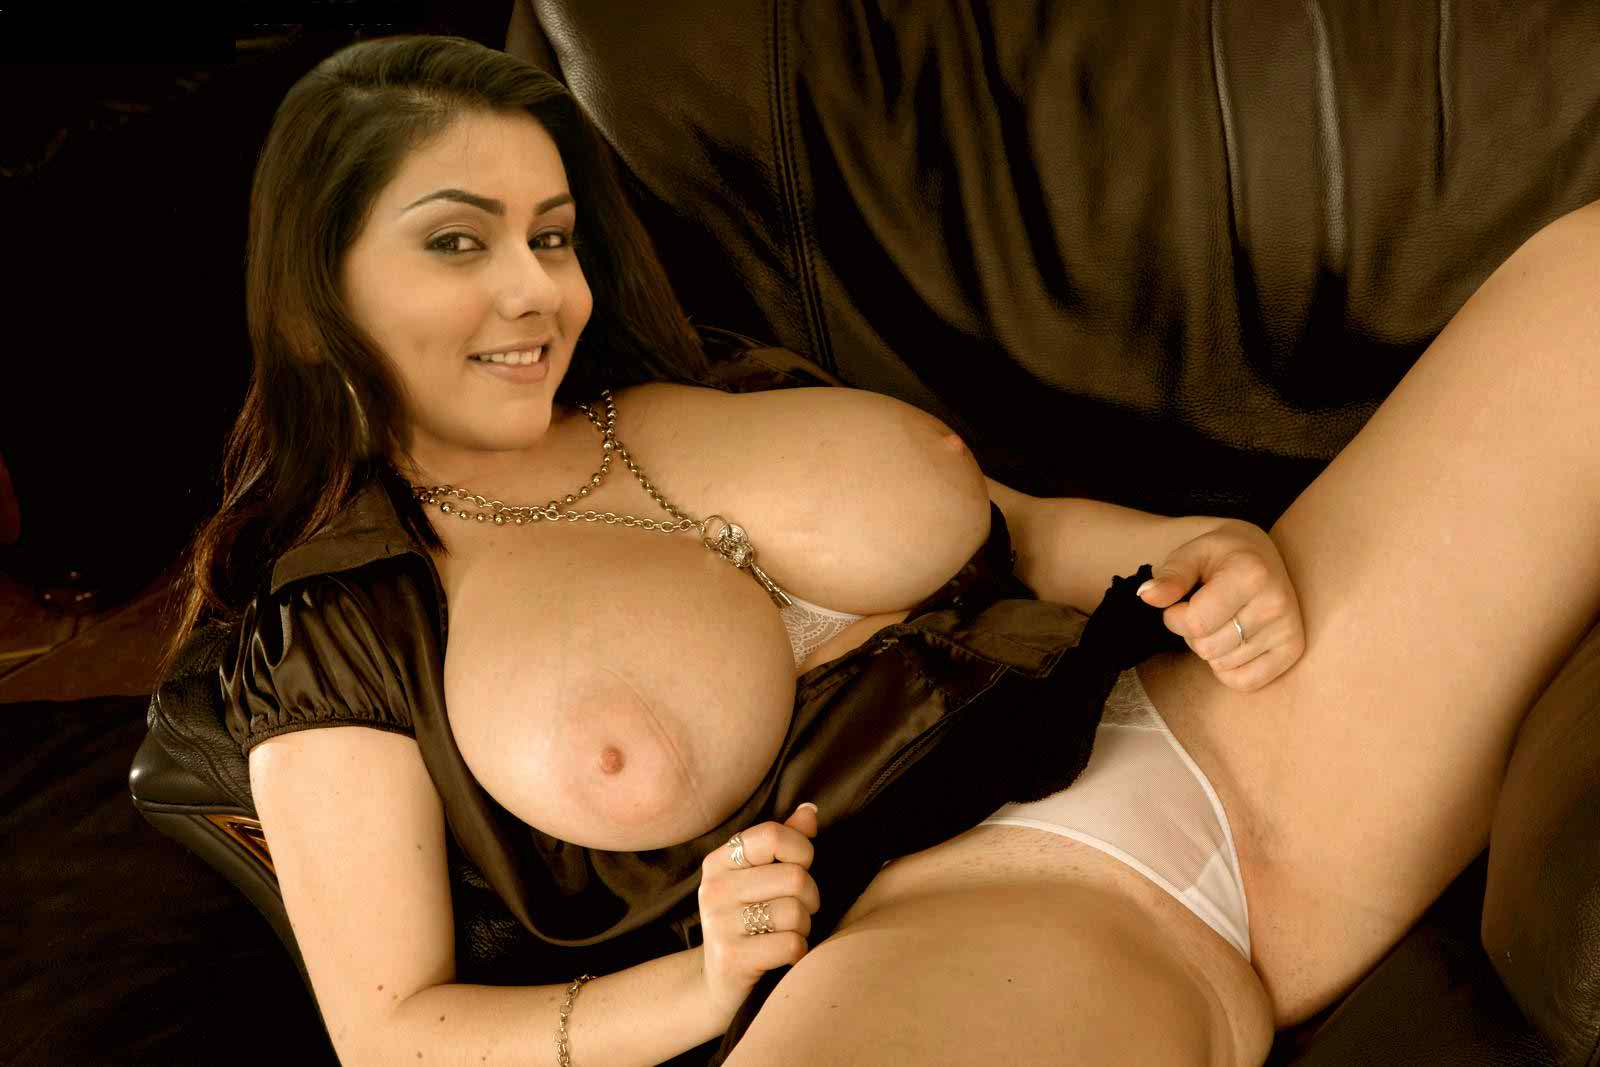 Nude namitha video girls non nude